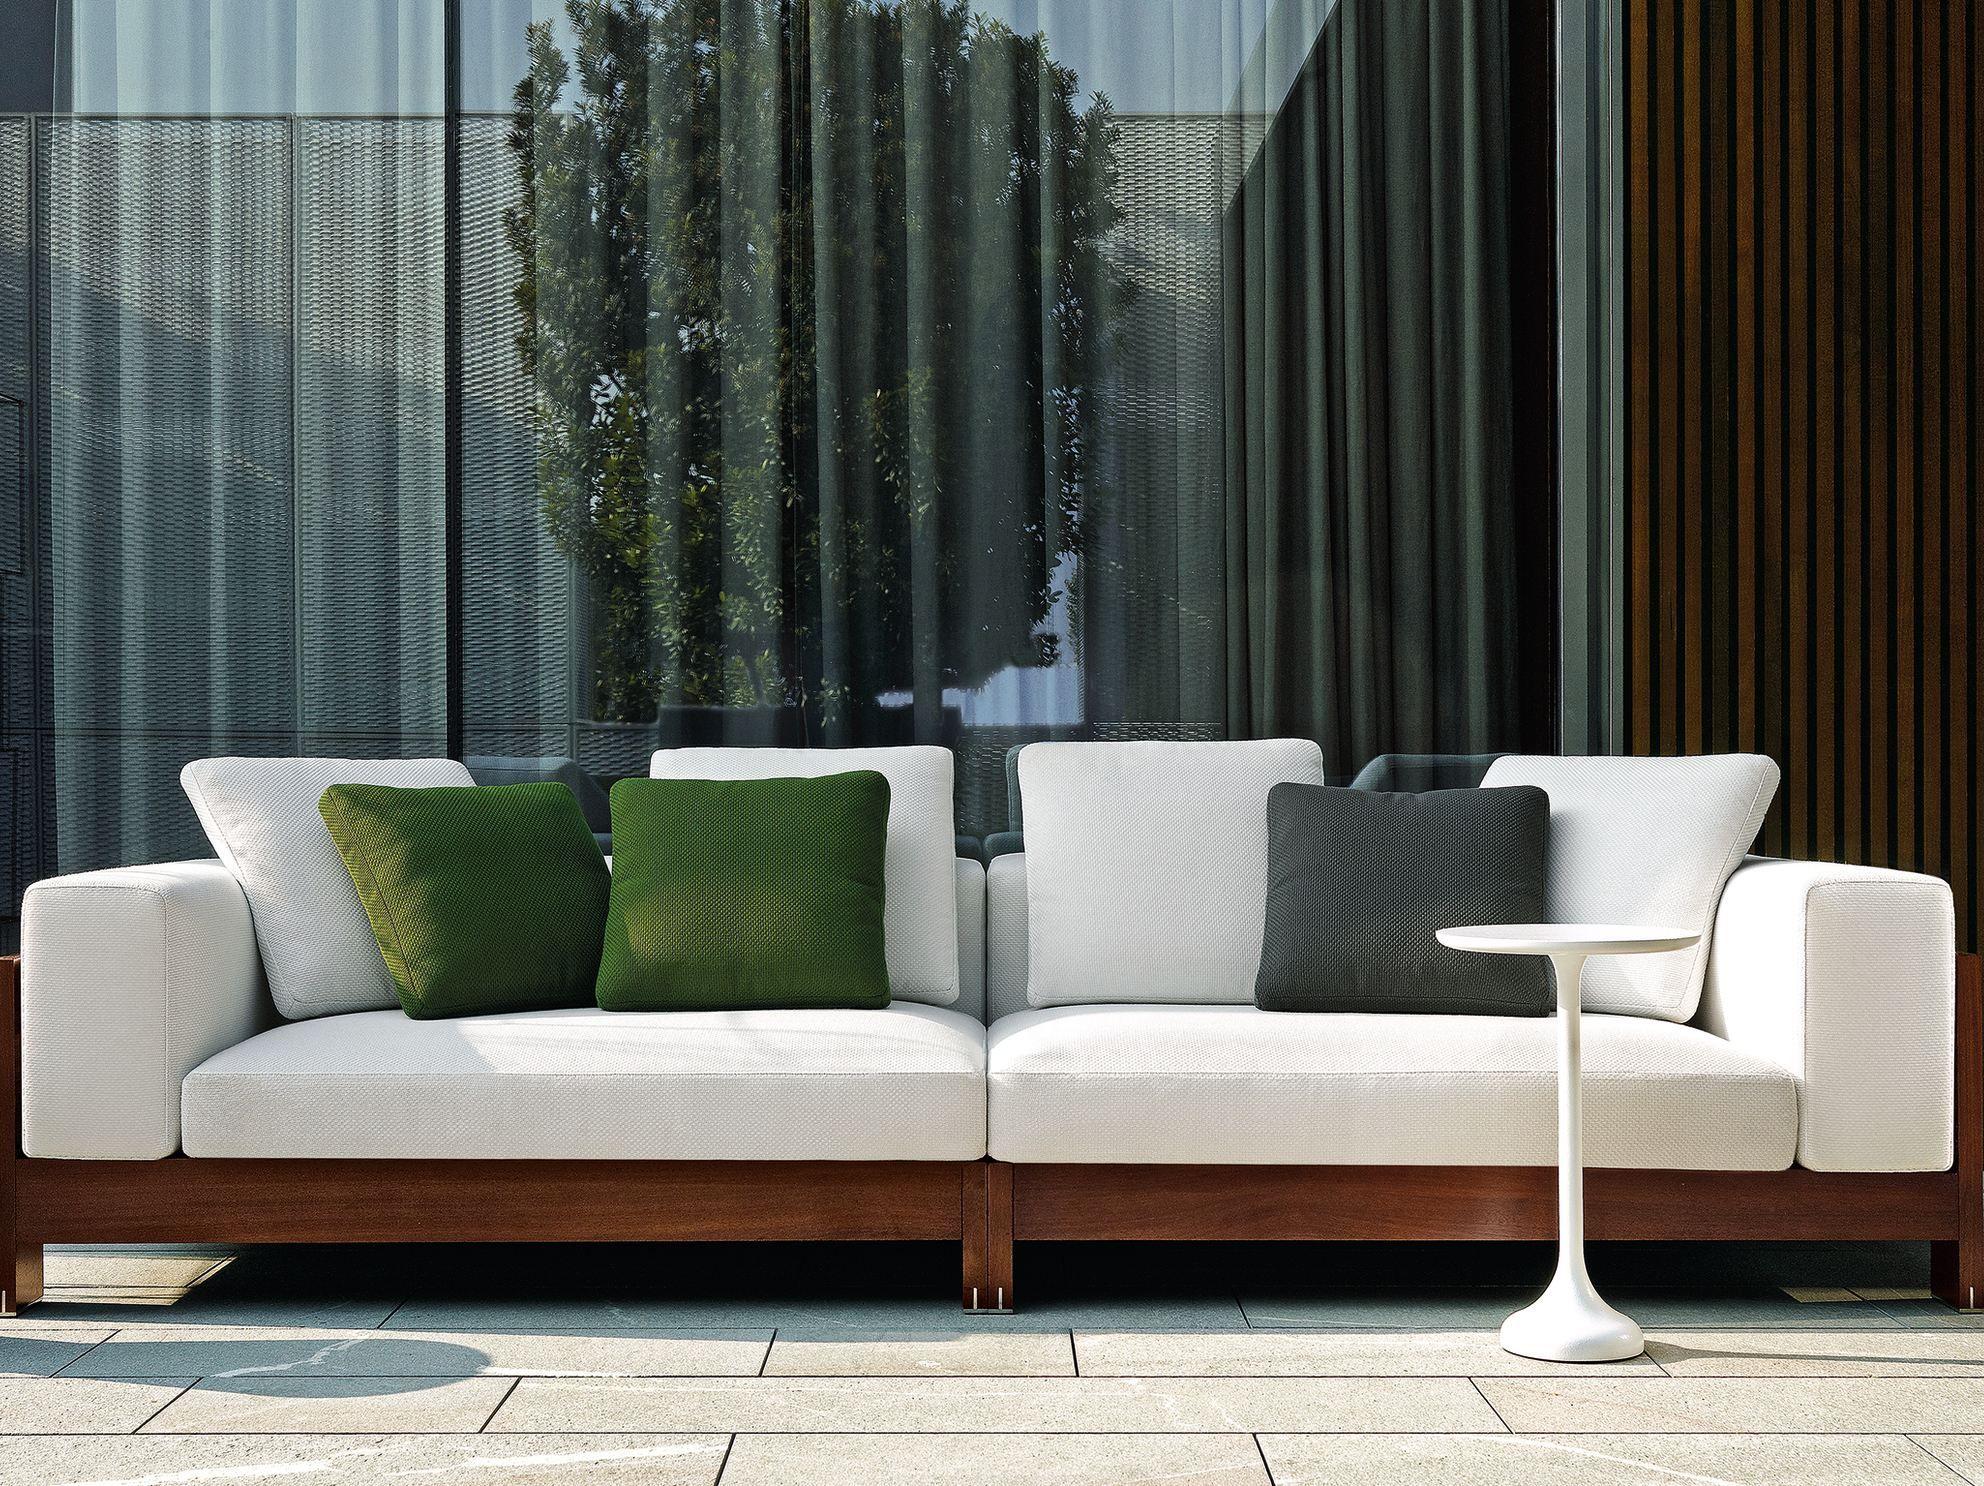 Minotti outdoor sofa design deco architecture mobilier de salon balcon et agencement interieur - Meubles minotti ...